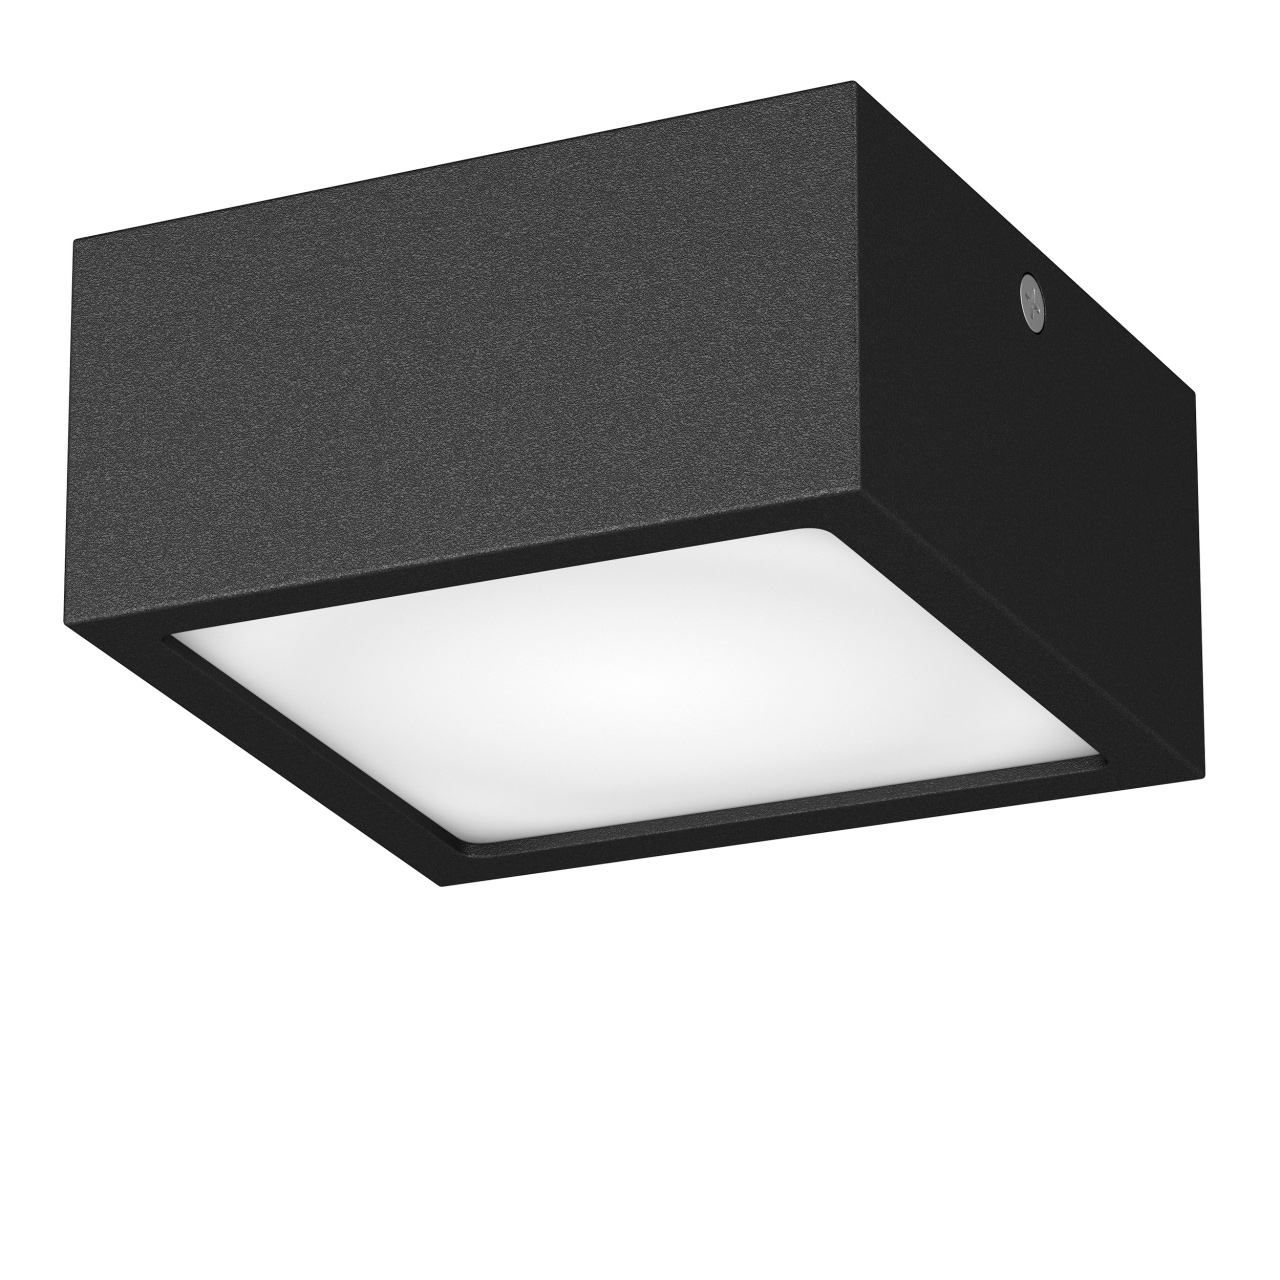 Светильник Zolla quad LED-SQ 10W 780LM черный 3000K IP44 Lightstar 211927